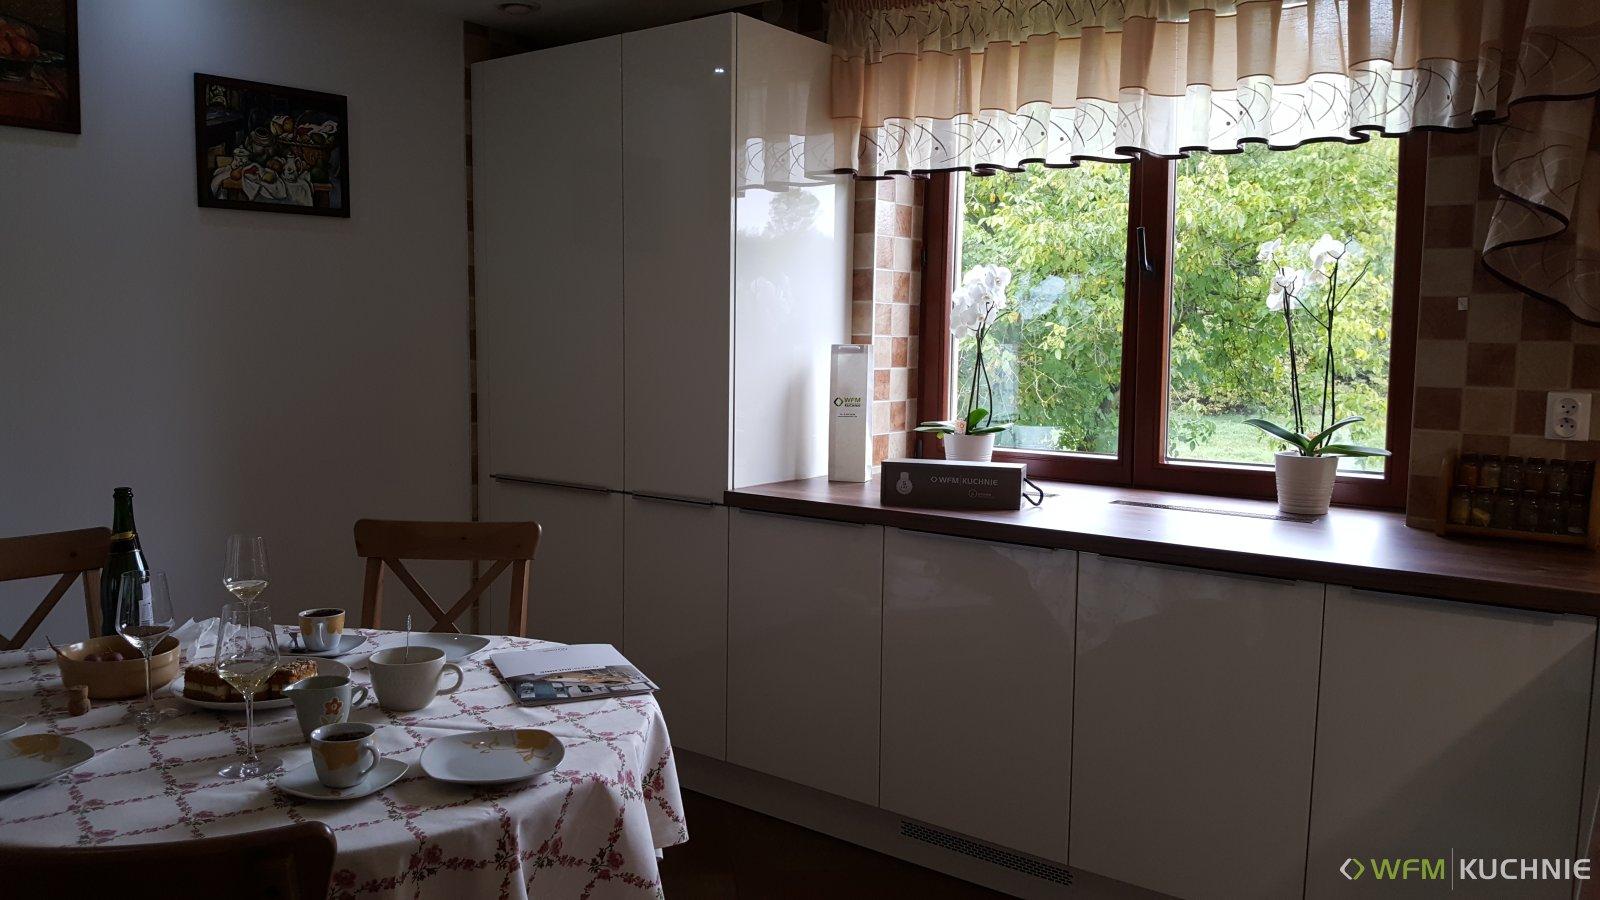 Kuchnia WFM CALMA wanilia połysk P102 - Meble kuchenne Kraków, kuchnie na wymiar Kraków - WFM KUCHNIE Kraków